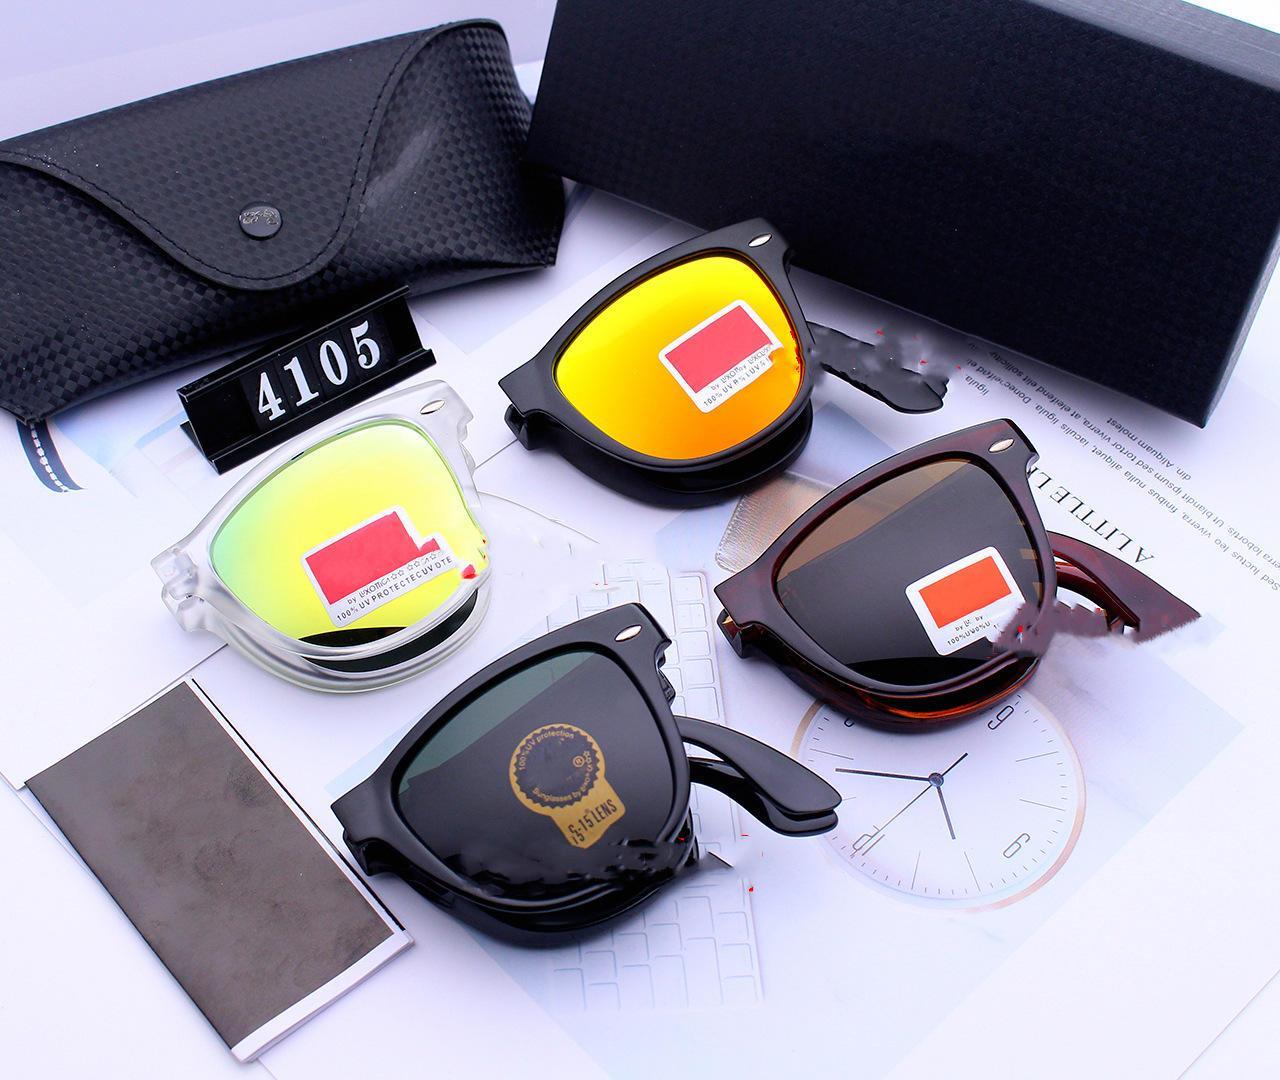 Солнцезащитные очки HD закаленное квадратное стекло складные очки мужчины женские очки цветная пленка очки источник завод популярное вождение супермаркет